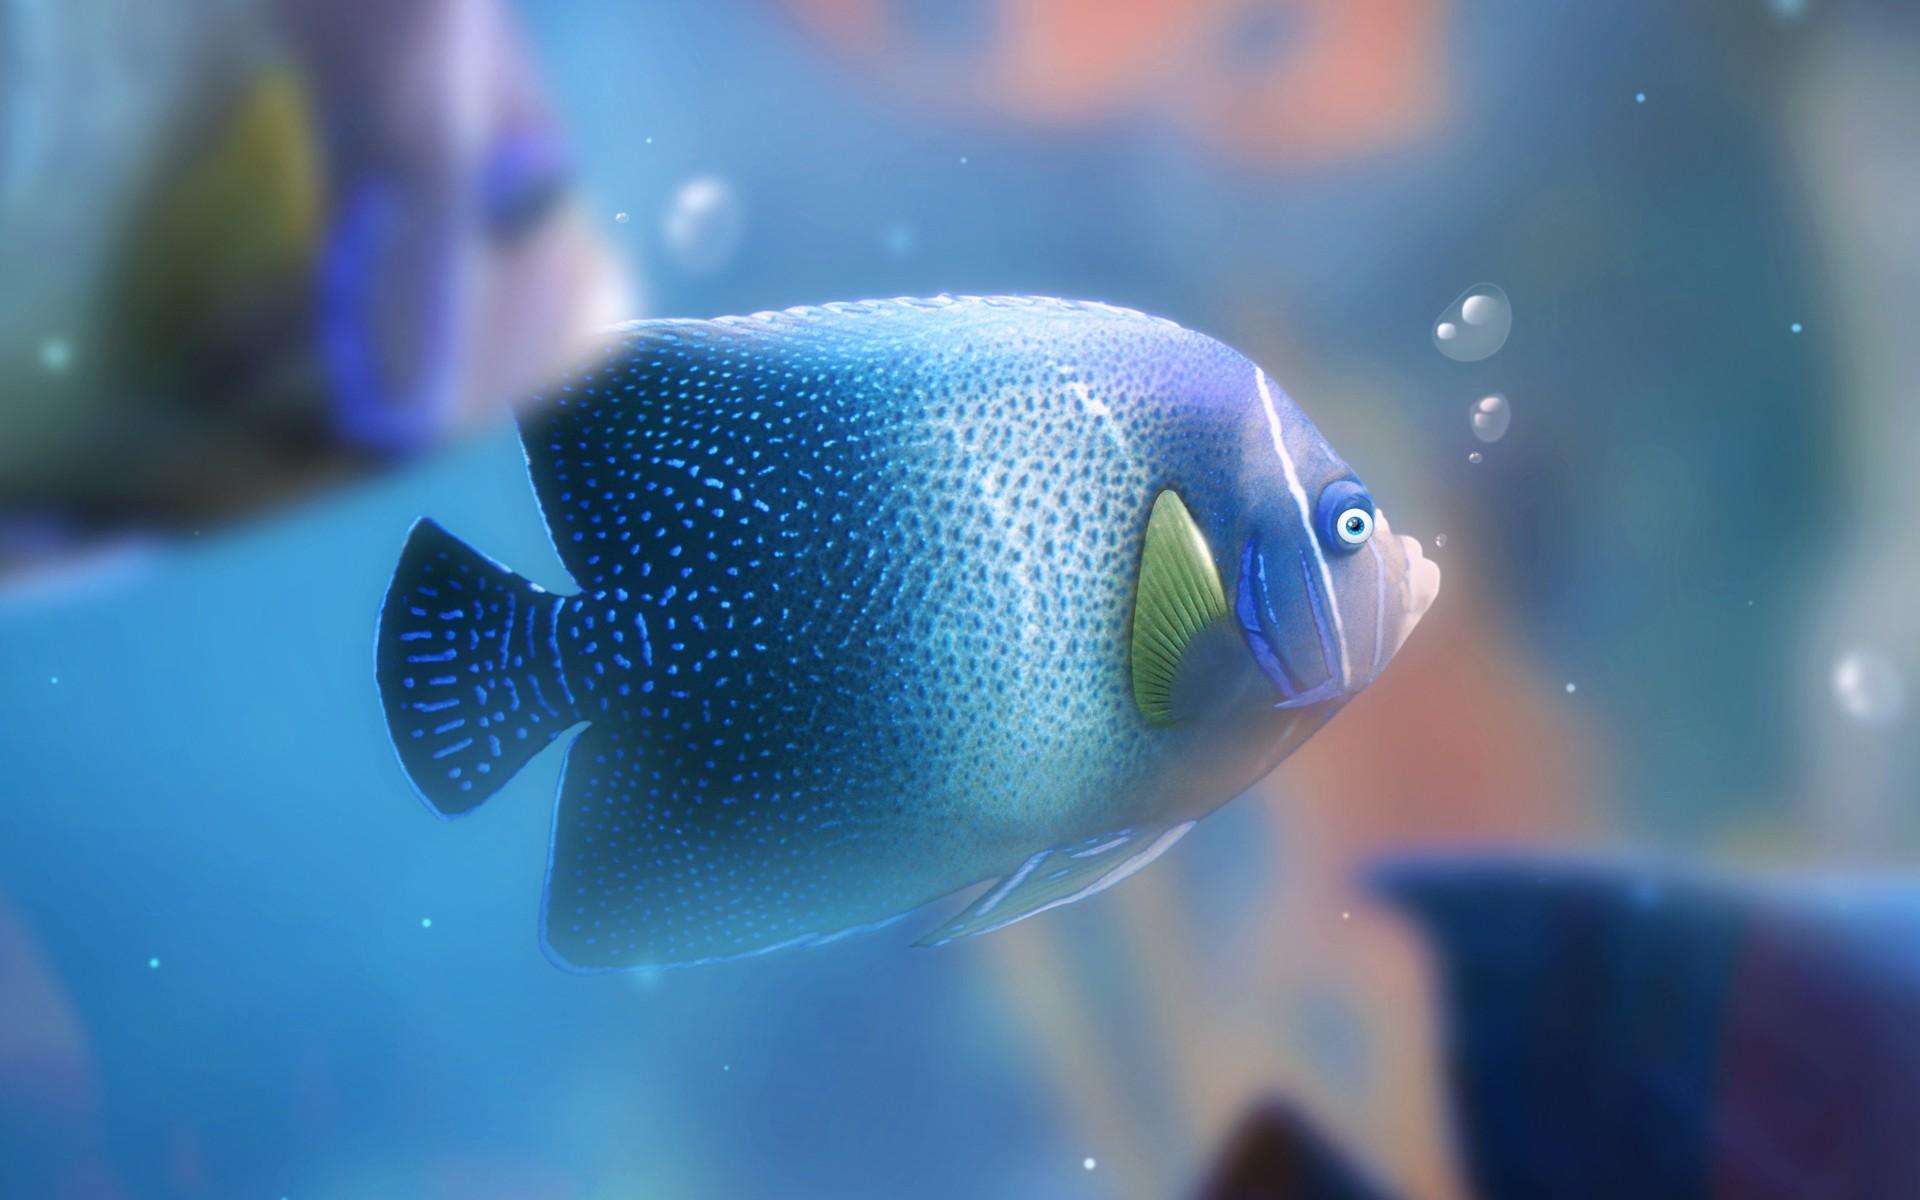 аквариум рыбы кораллы макро загрузить